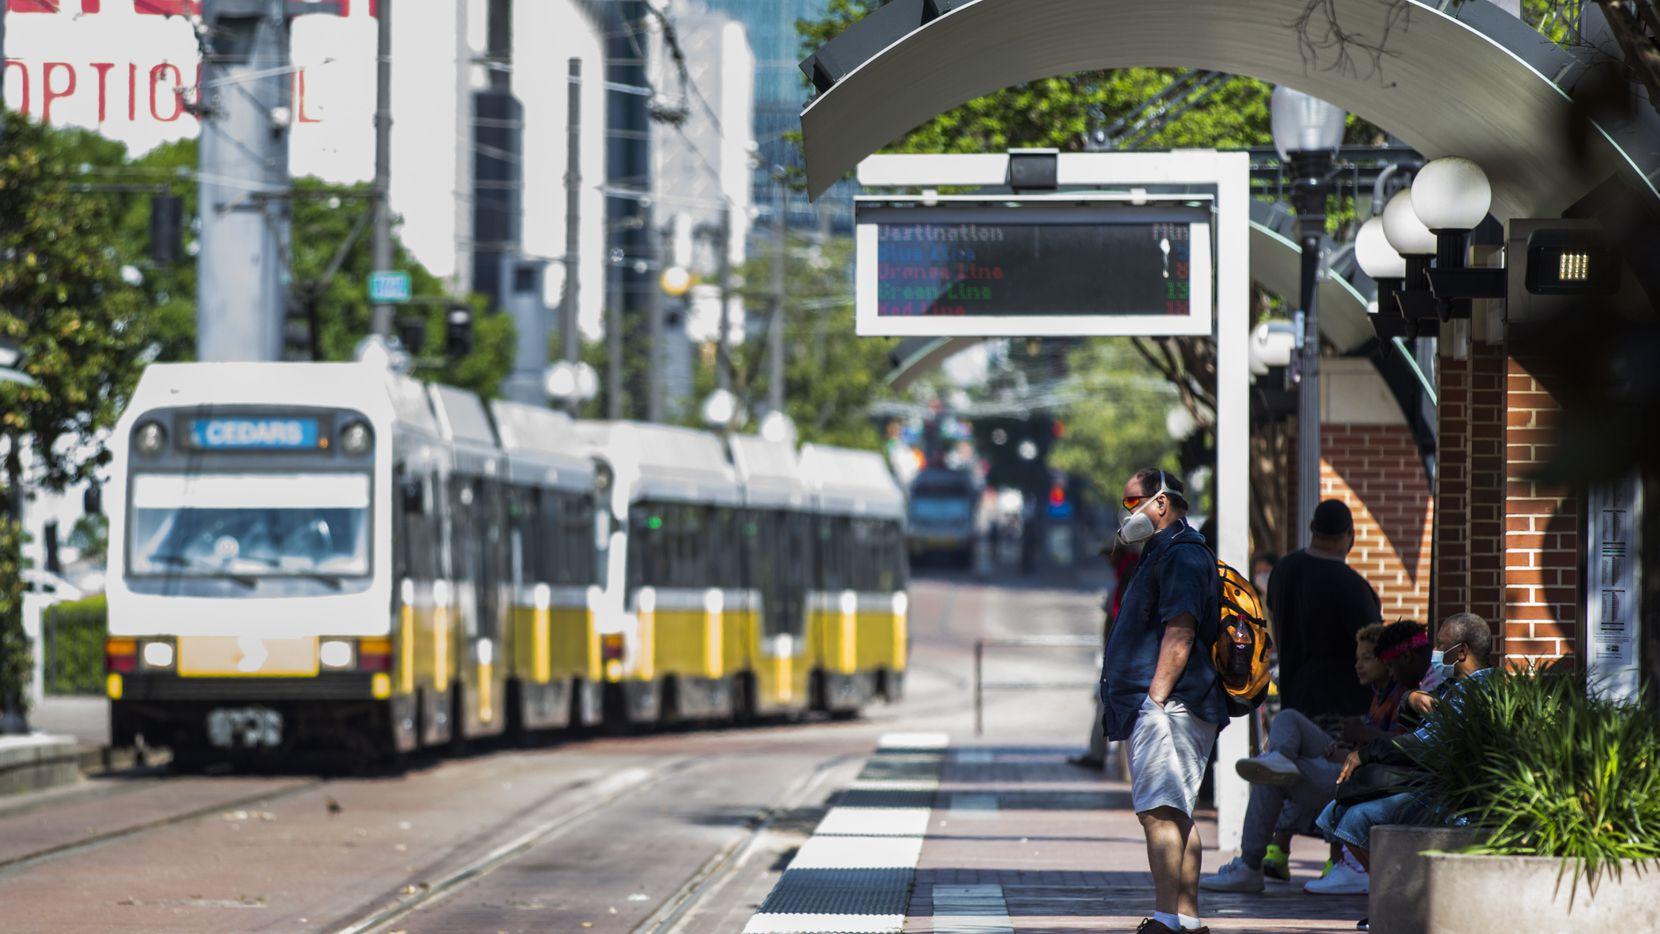 El transporte público DART será gratuito para todos los pasajeros los sábados 17 y 24 de octubre y el martes 3 de noviembre, con el fin de incentivar a la gente a que acuda a votar.